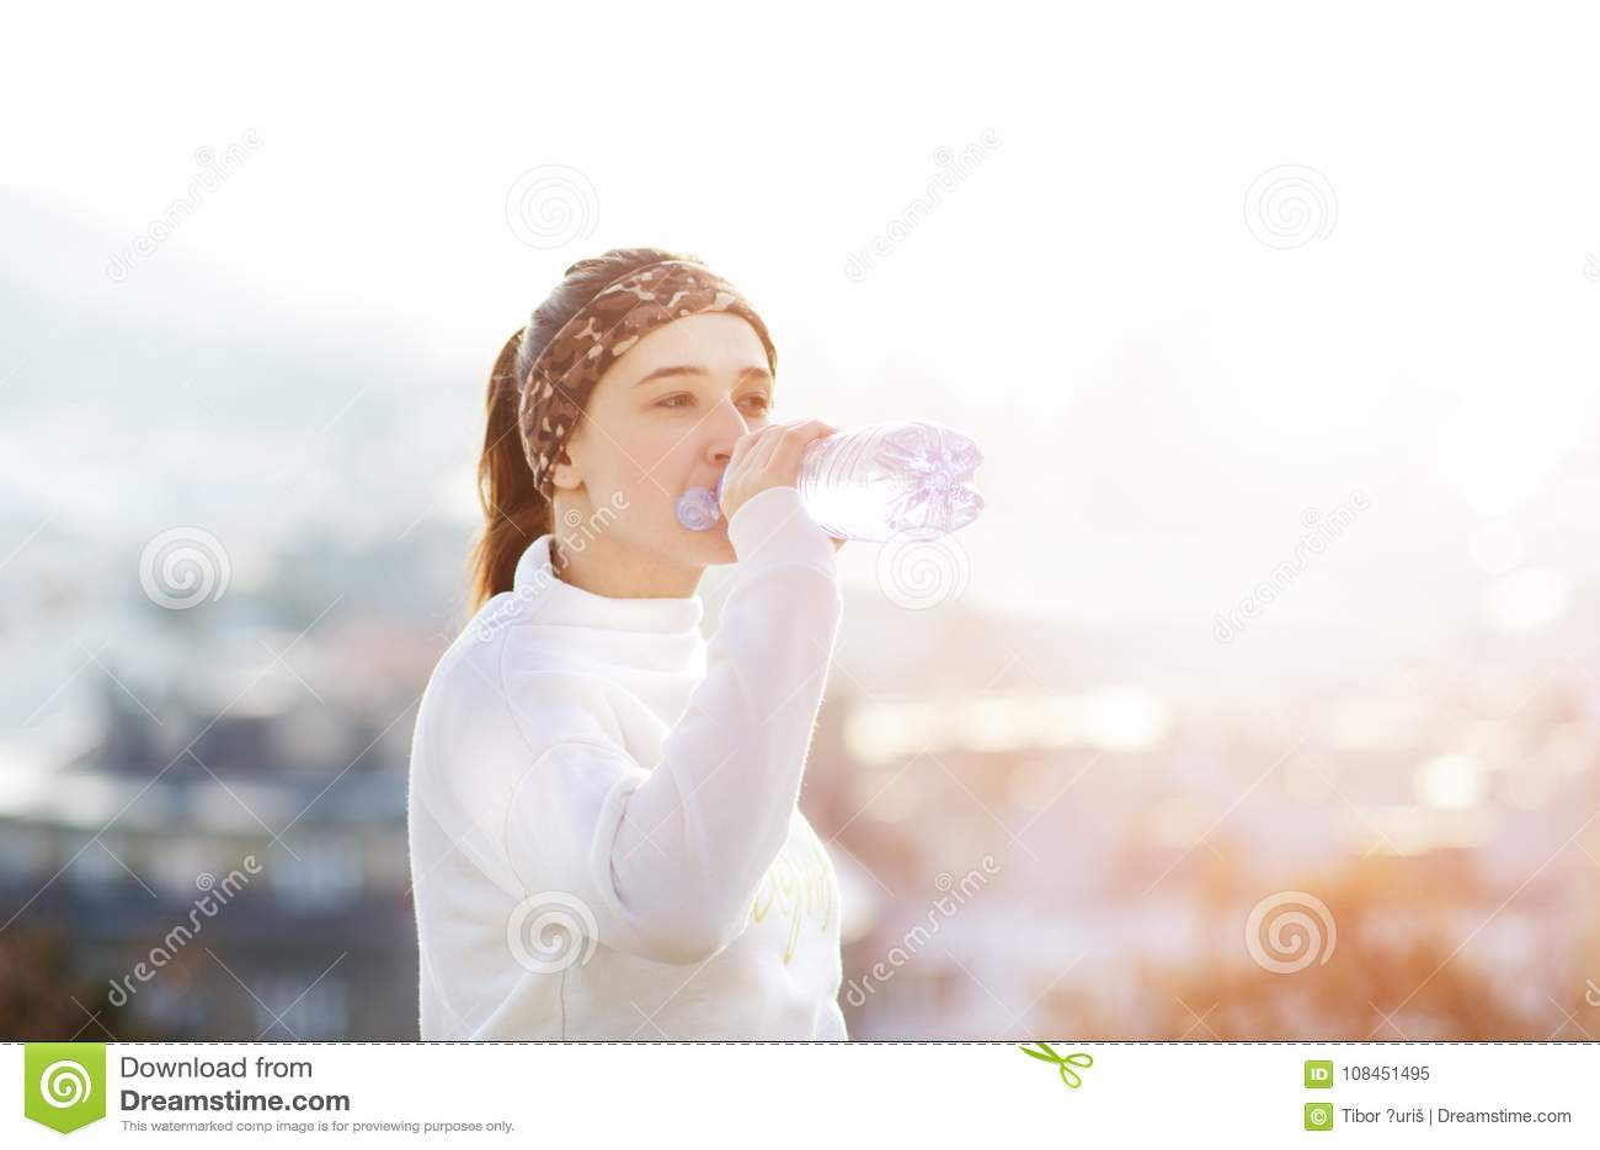 Trinkwasser der Frau während eines Betriebs Herbst Kühles Wetter Rüttelnde Frau in einer Stadt während eines Winters Sonniger Tag